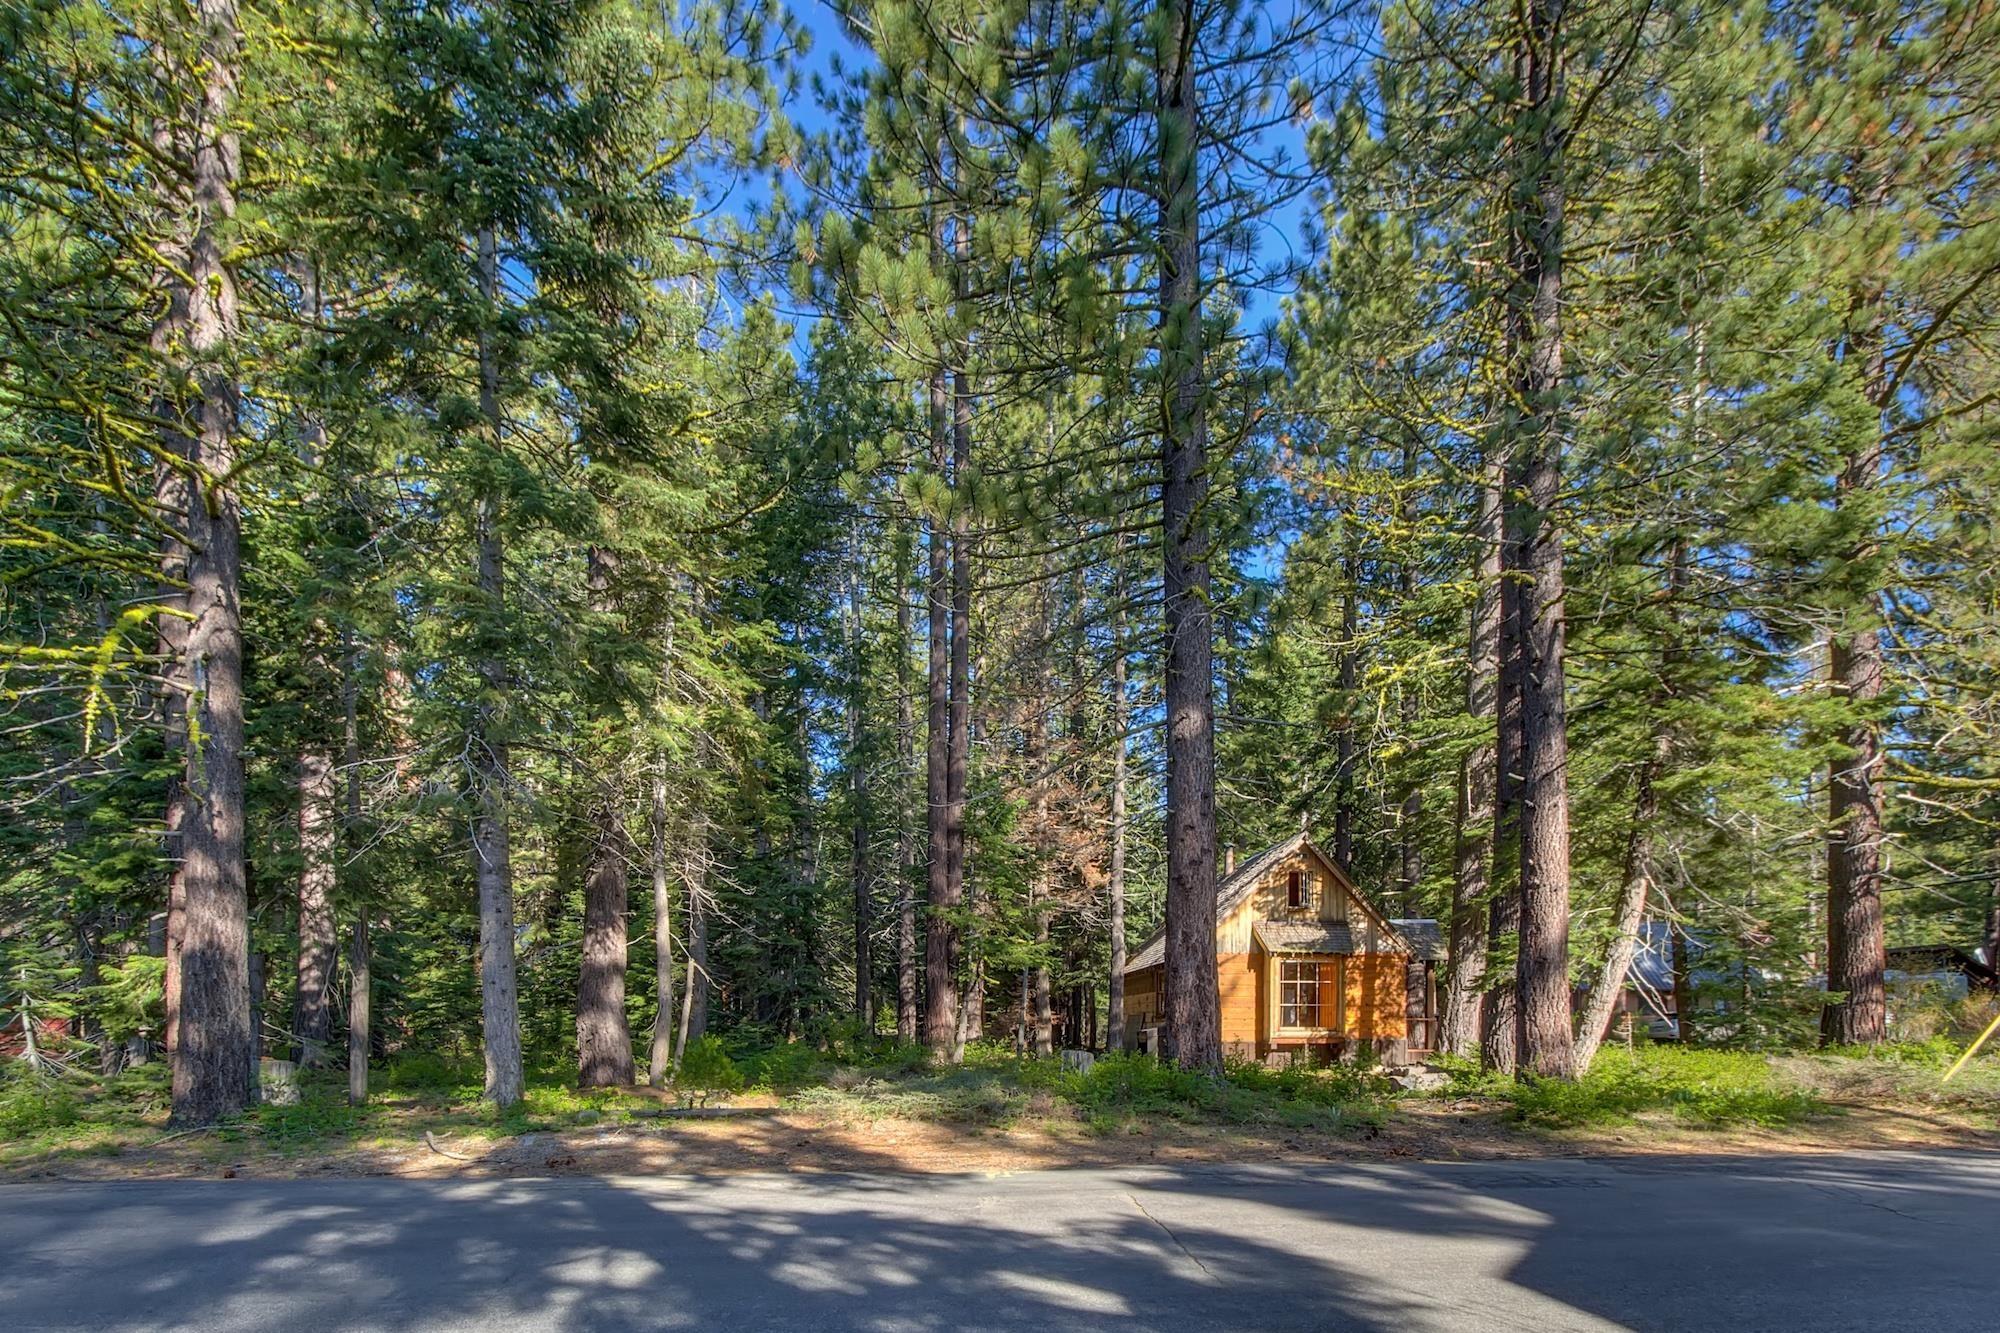 Image for 439 Park Avenue, Homewood, CA 96141